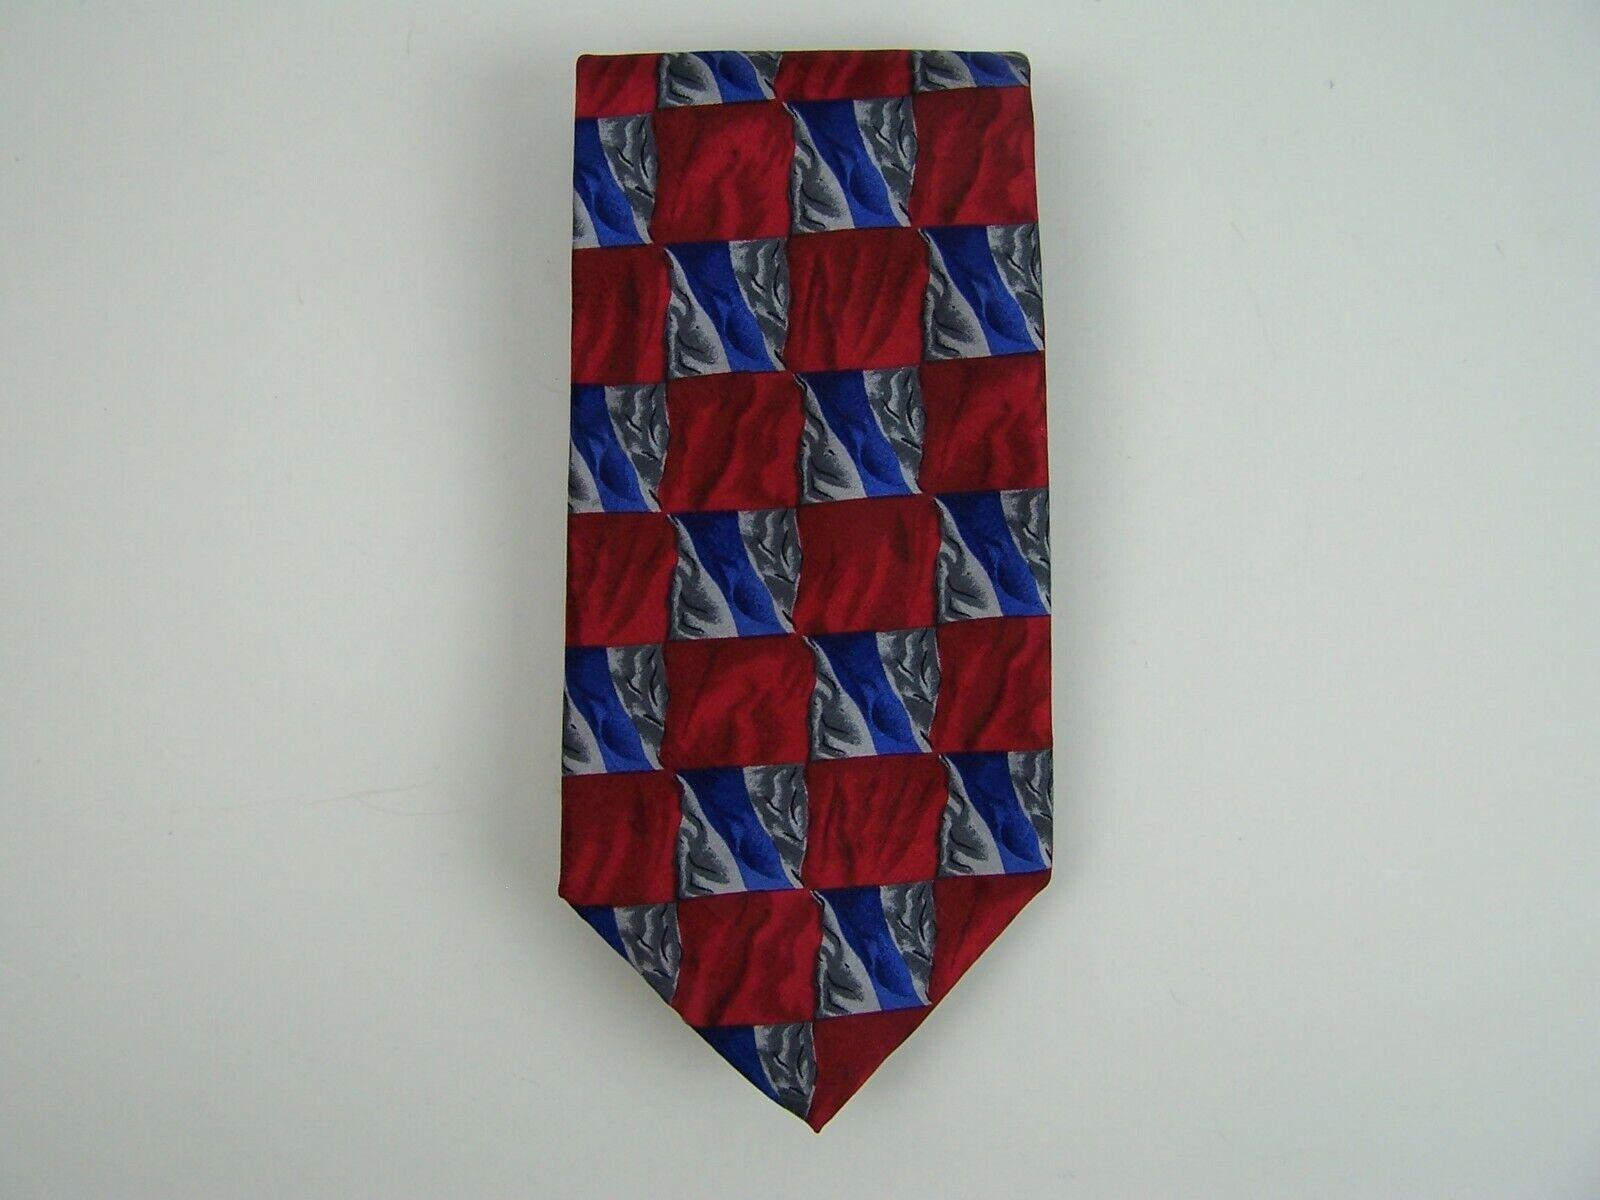 Jerry Garcia Neck Tie Reds Blue Grays Geometric Blocks